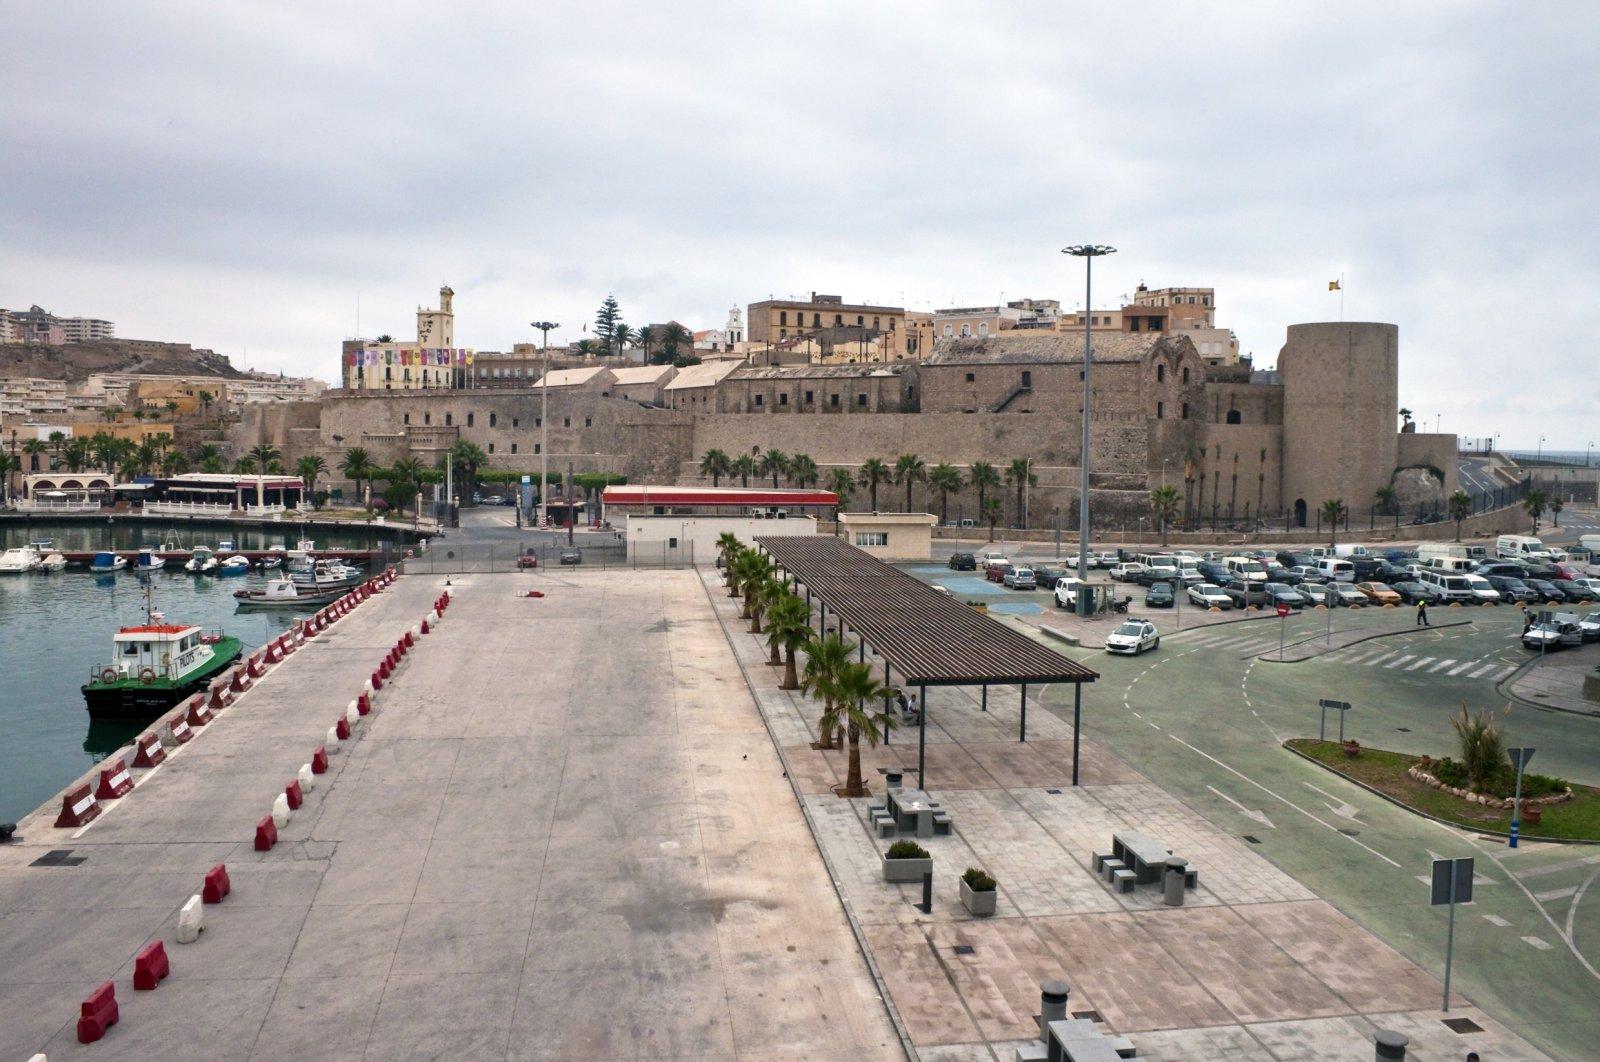 Harbor and castle in Melilla. (Shutterstock File Photo)